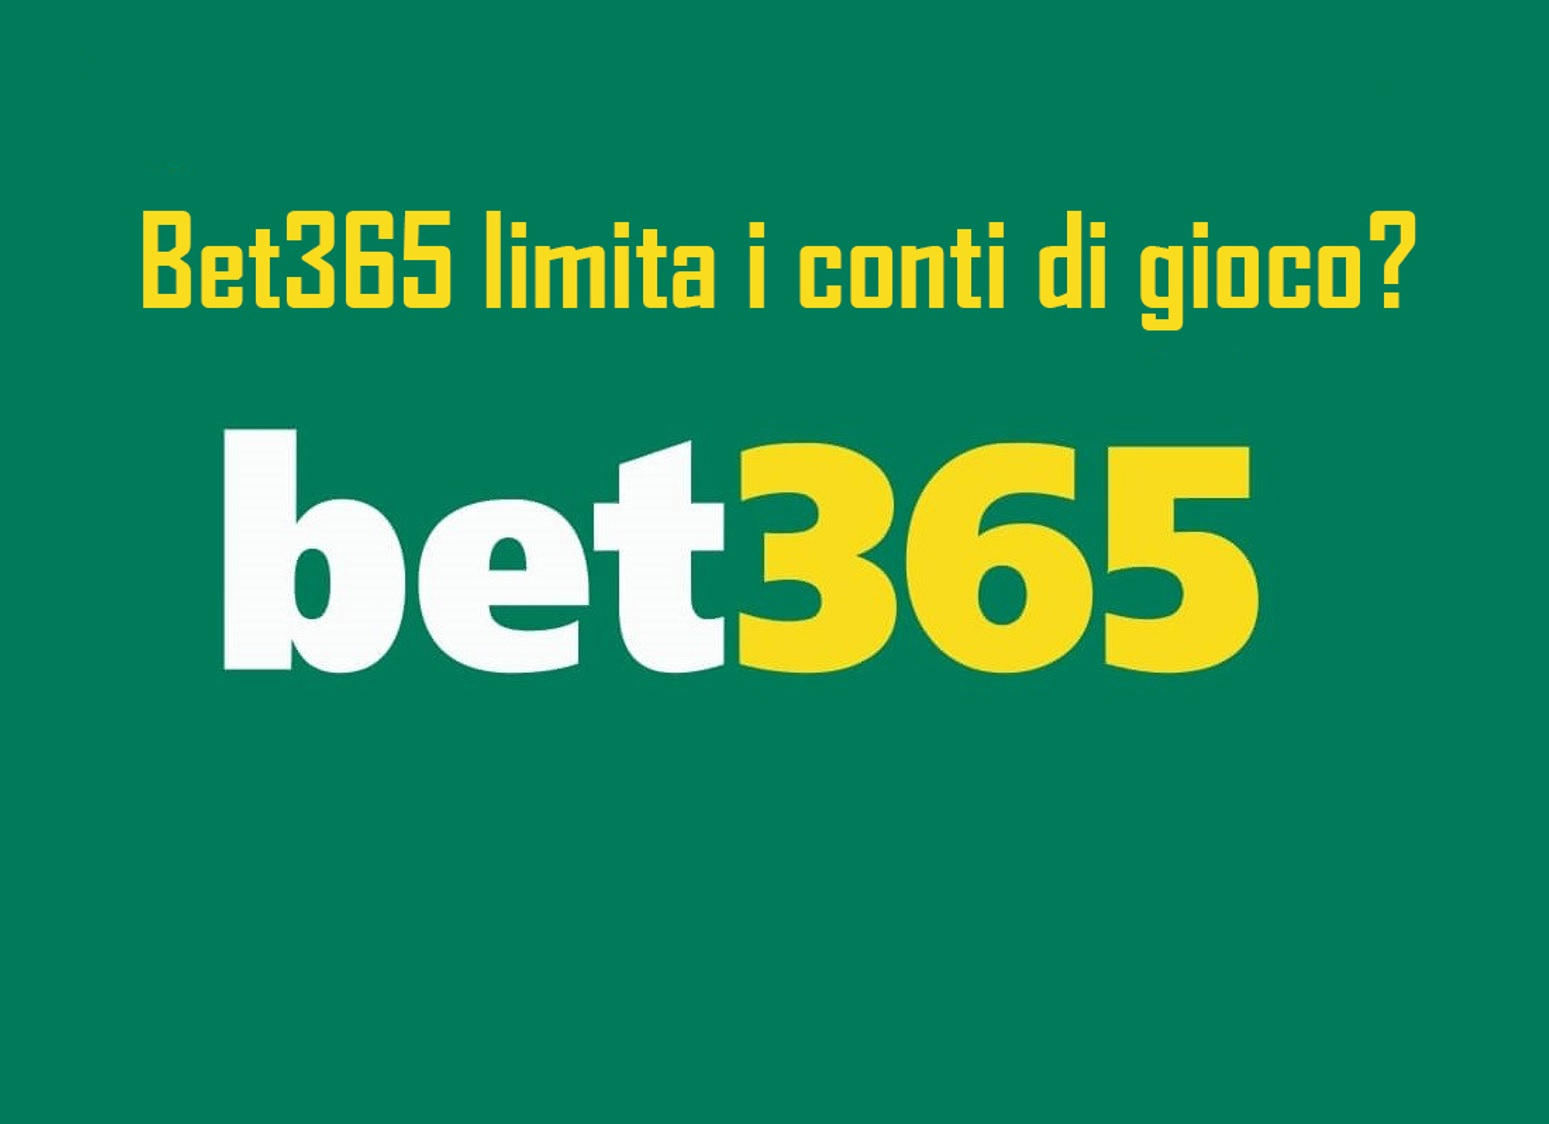 Bet365 limita i conti di gioco